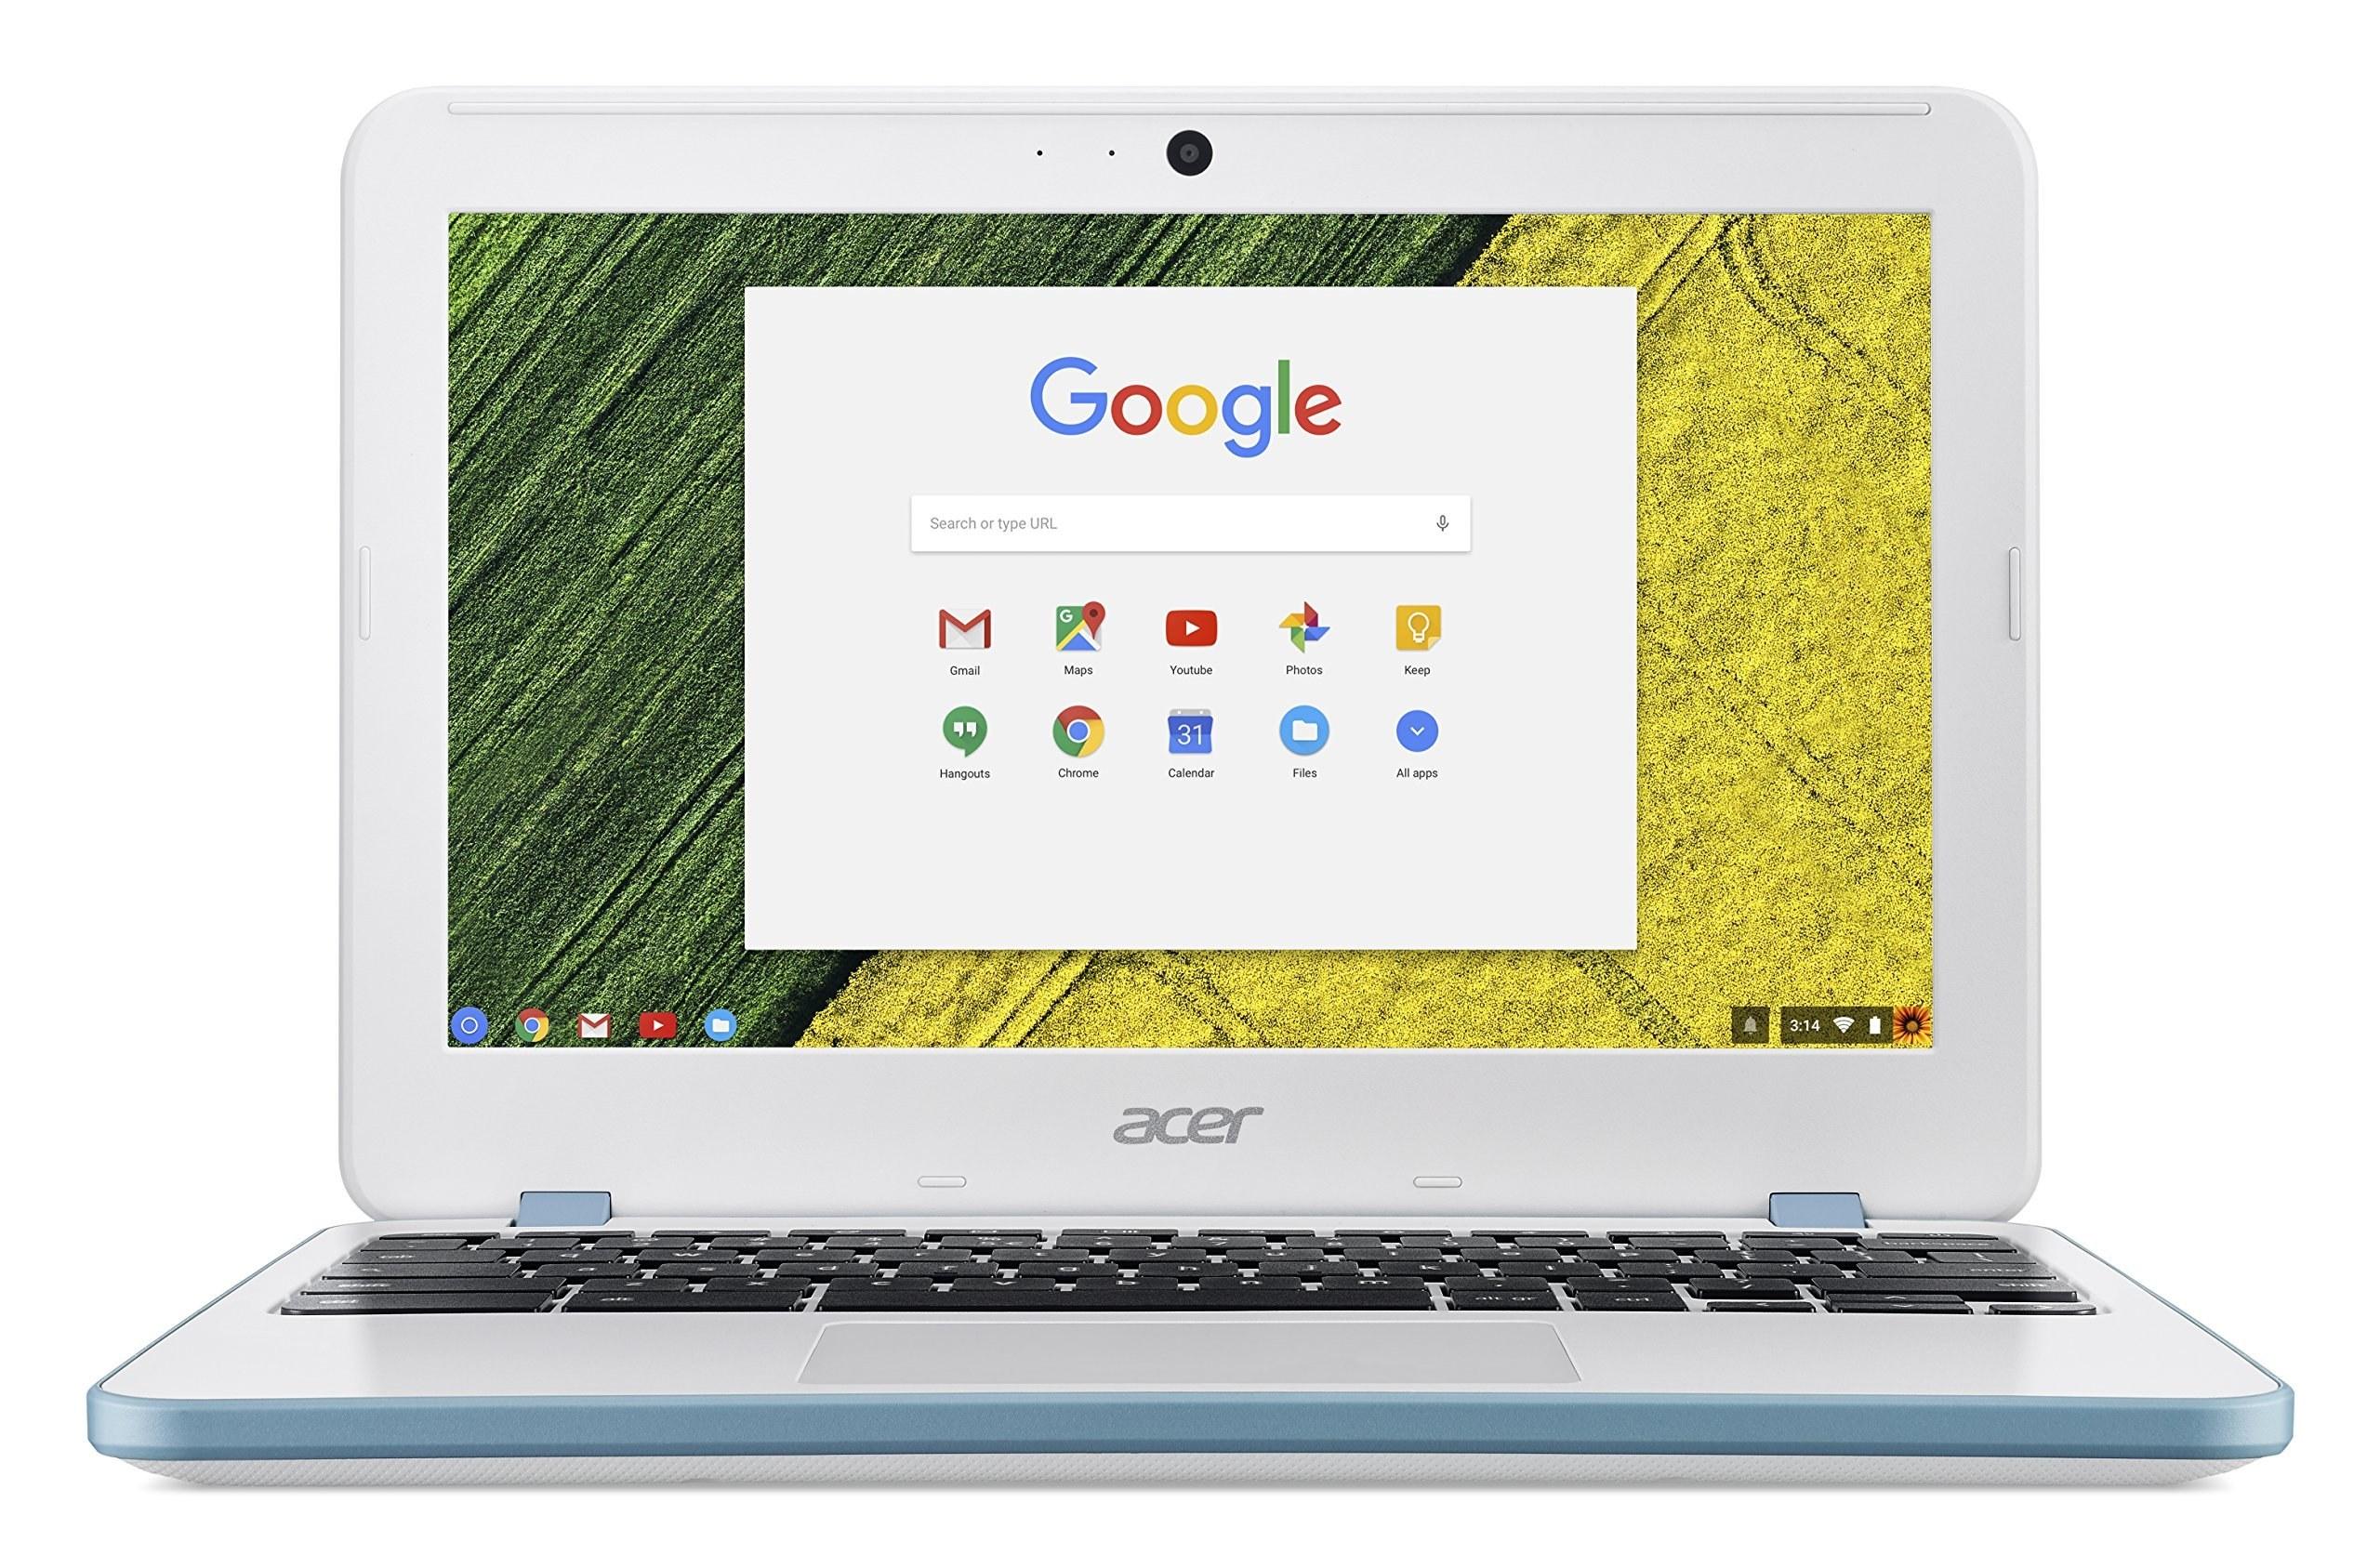 عکس لپ تاپ ۱۱ اینچ ایسر Chromebook 11 Acer Chromebook 11, 11.6-inch HD, Intel Celeron N2840, 4GB DDR3L, 16GB Storage, Chrome, CB3-131-C8GZ لپ-تاپ-11-اینچ-ایسر-chromebook-11